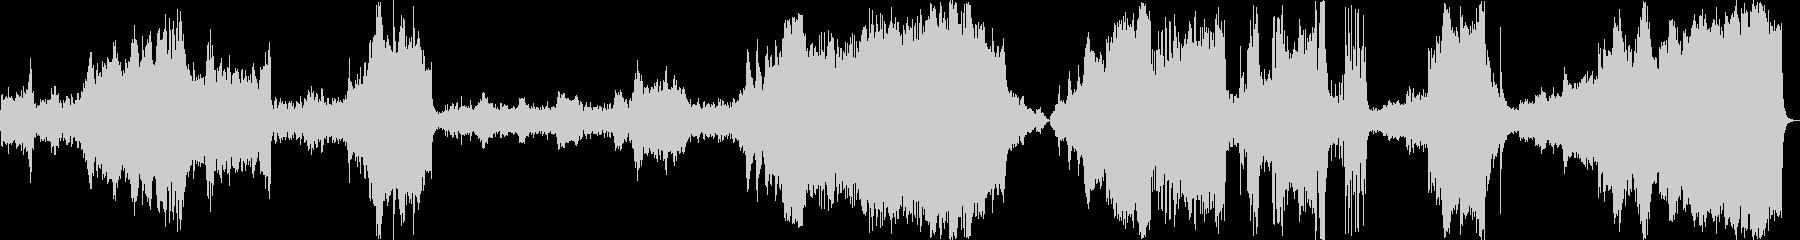 気球旅行記-出発から目的地到着までの軌跡の未再生の波形